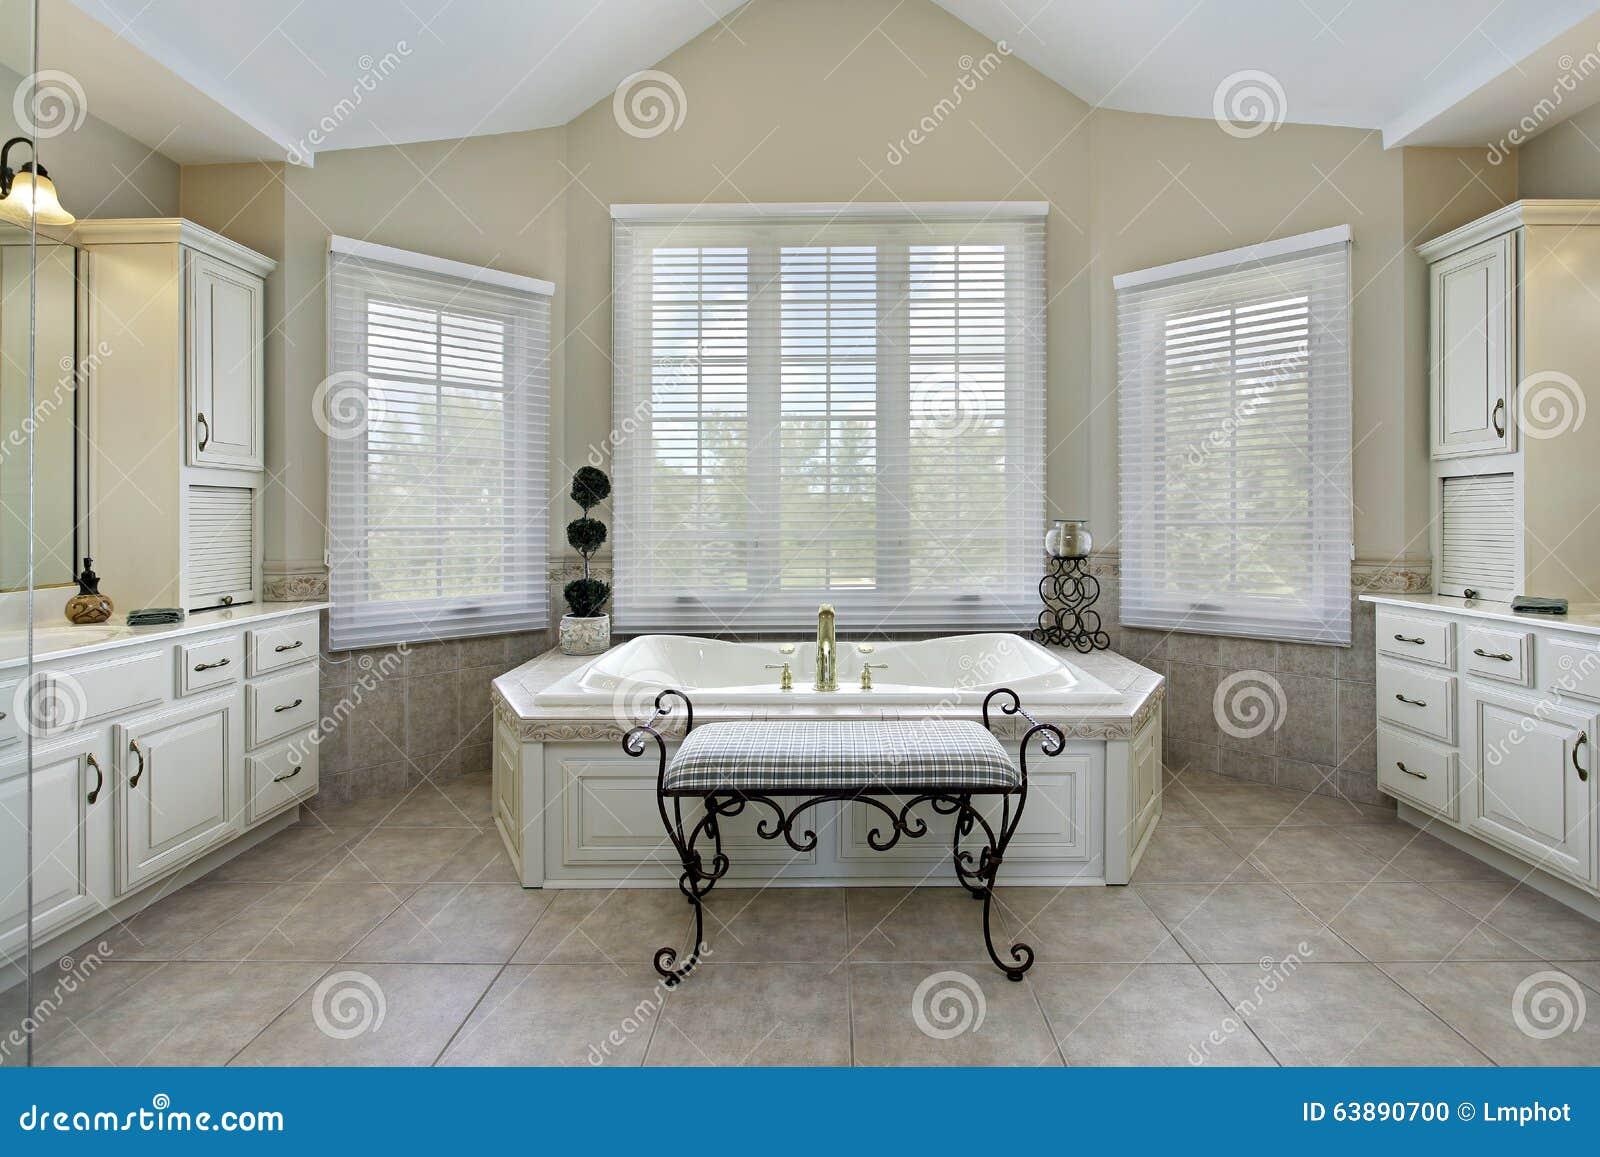 Master Bath With Large Bathtub Stock Photo - Image of decorate ...